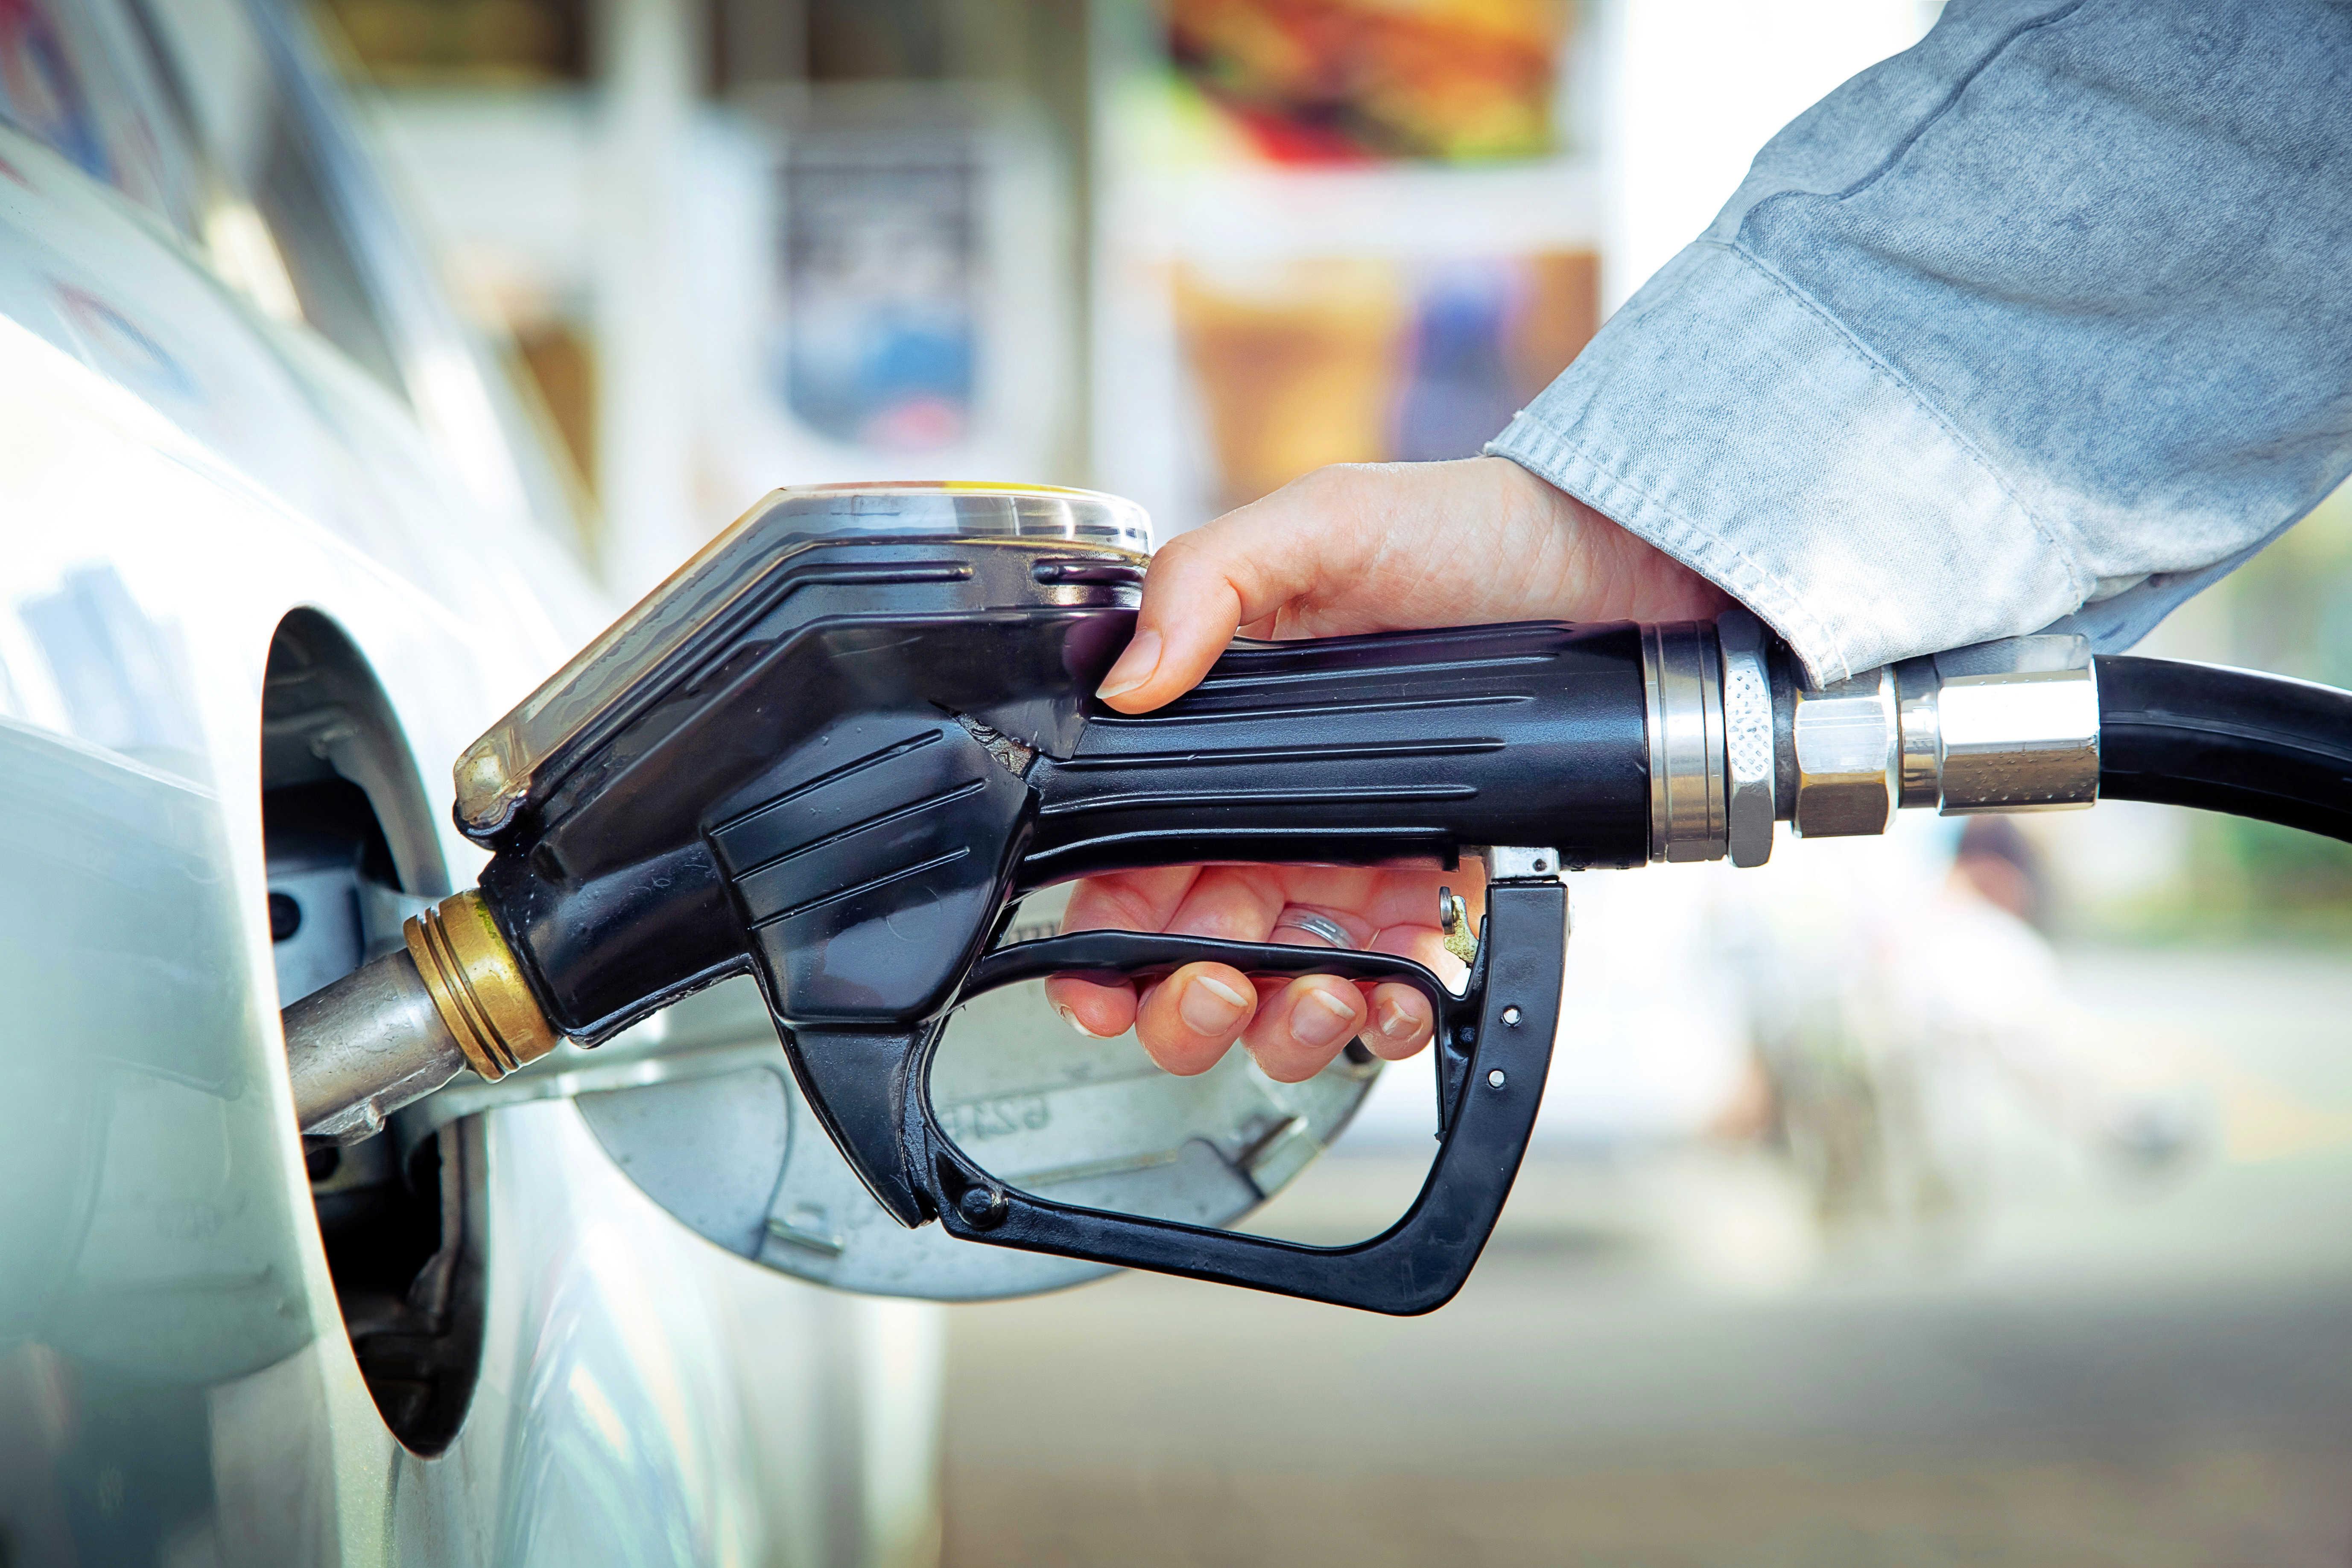 Tankování paliva na čerpací stanici